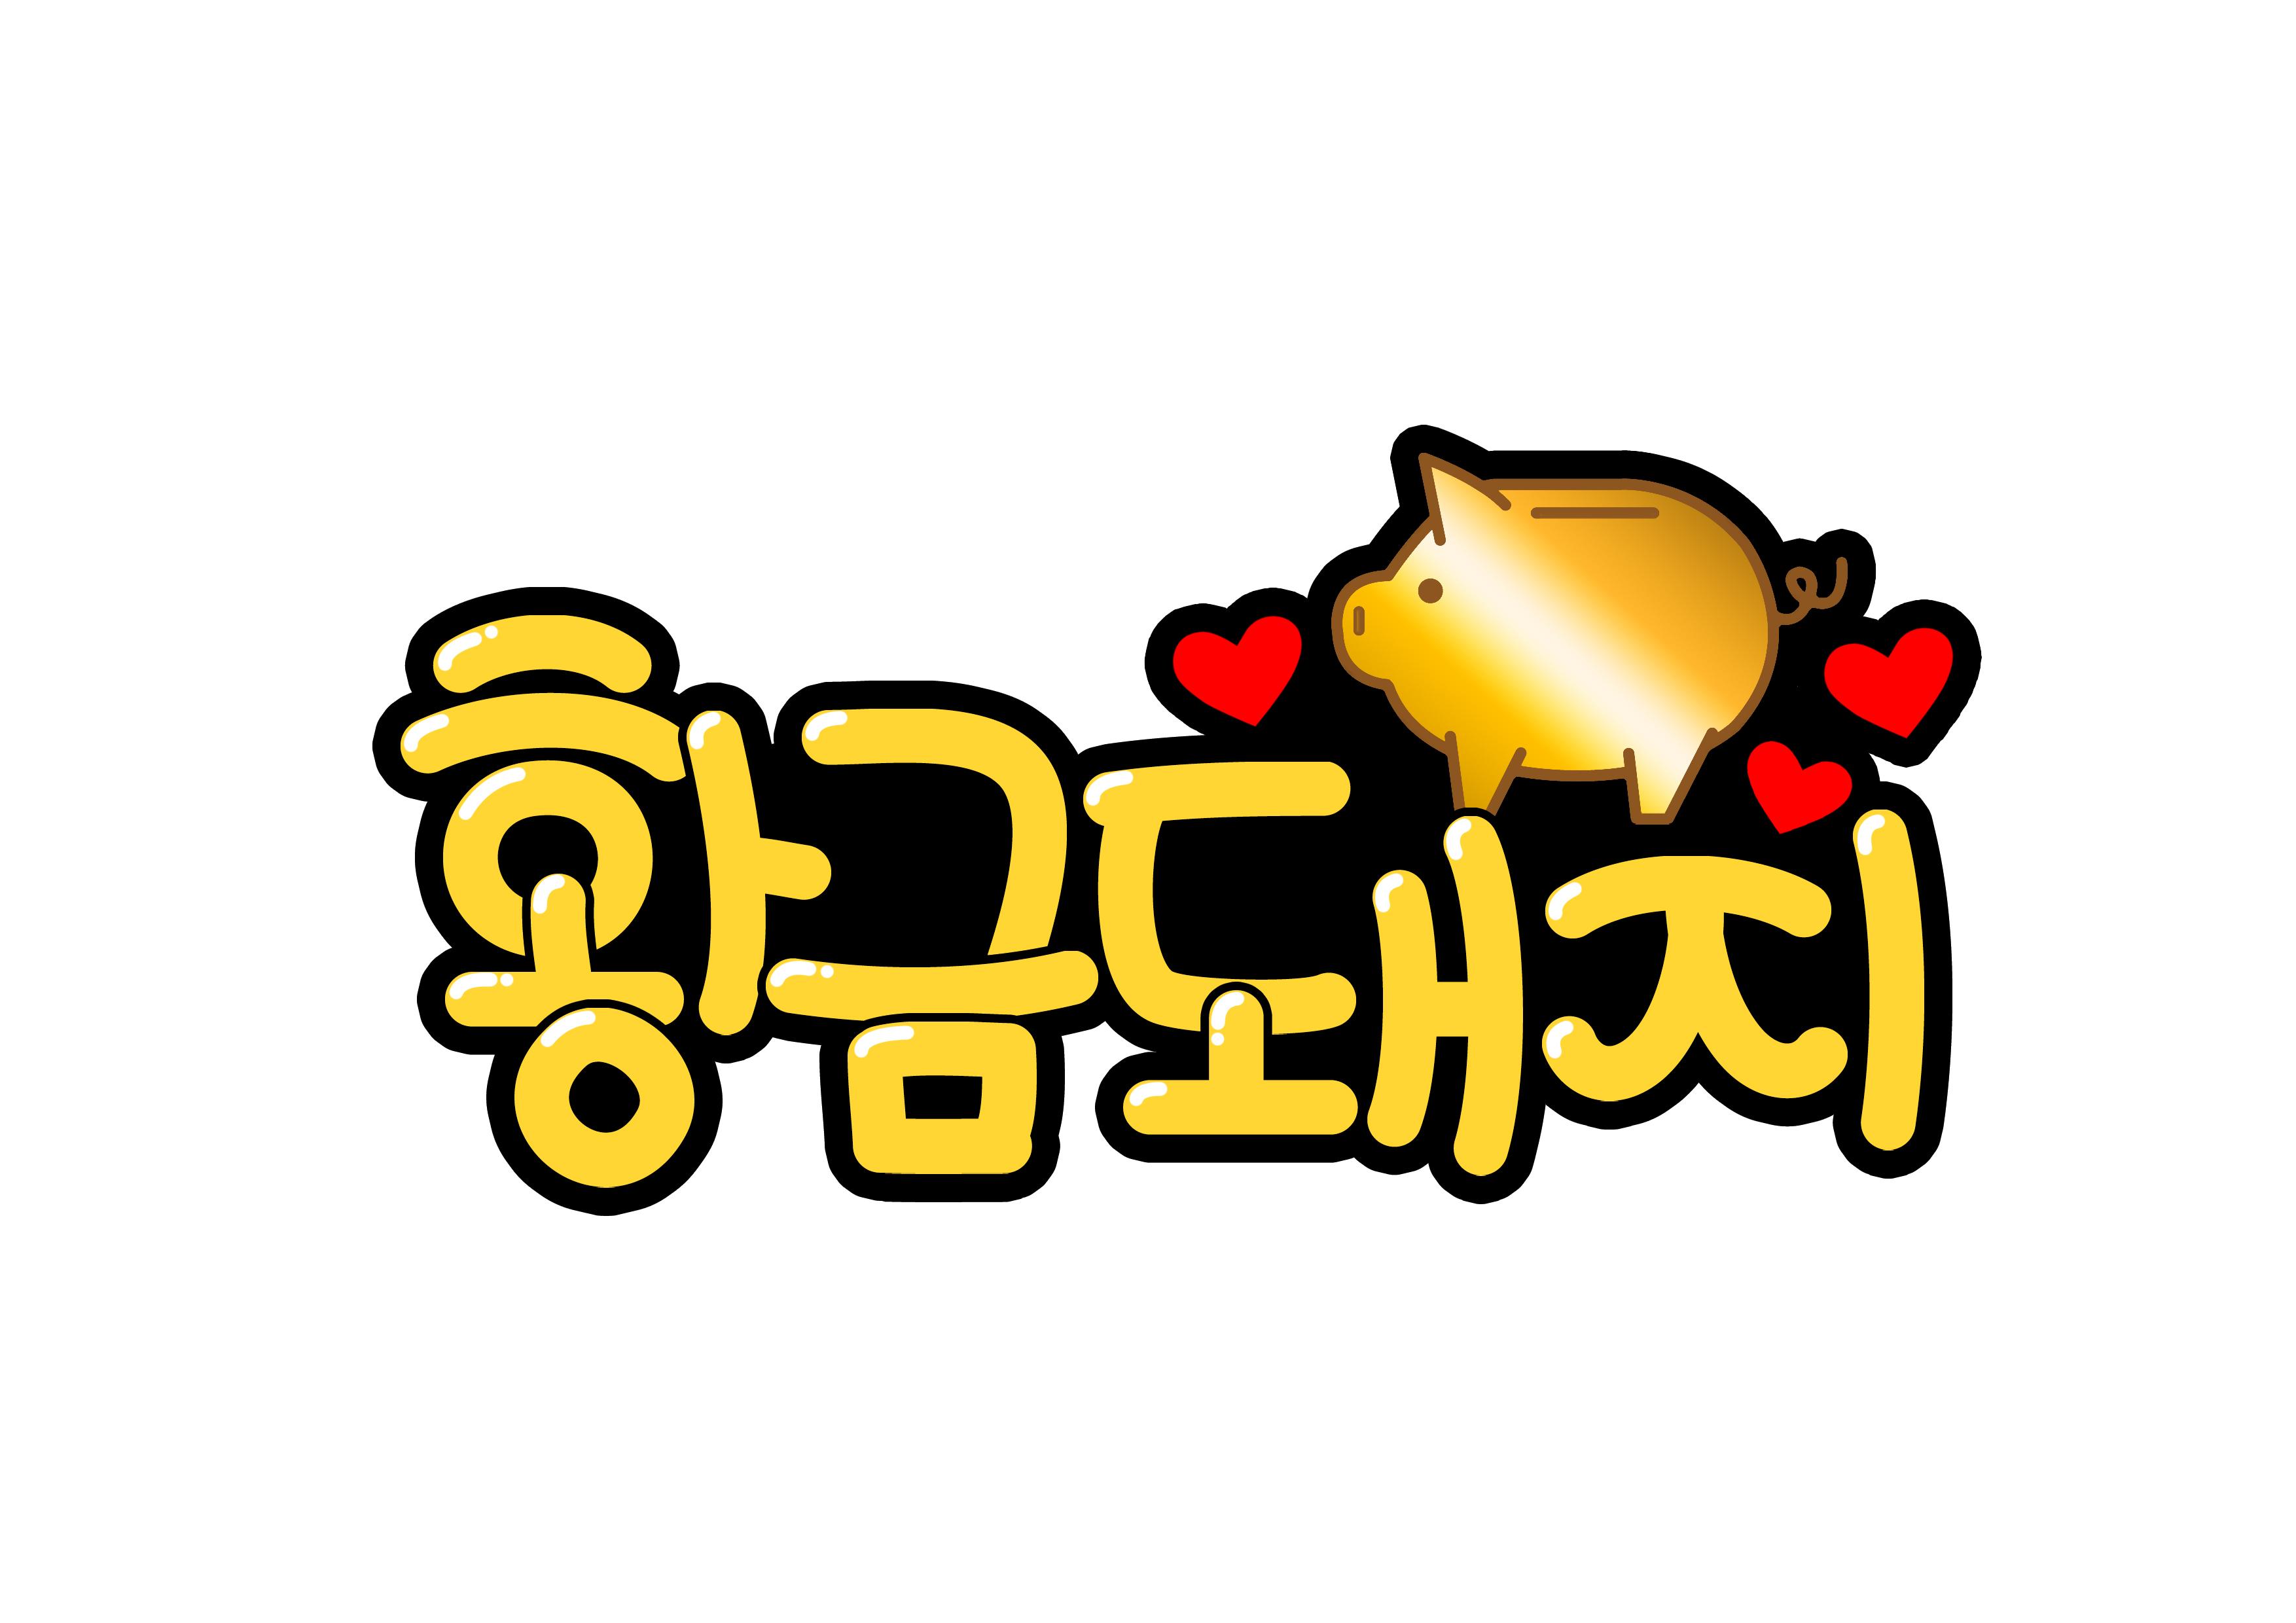 황금돼지 (pig,기해년,gold)